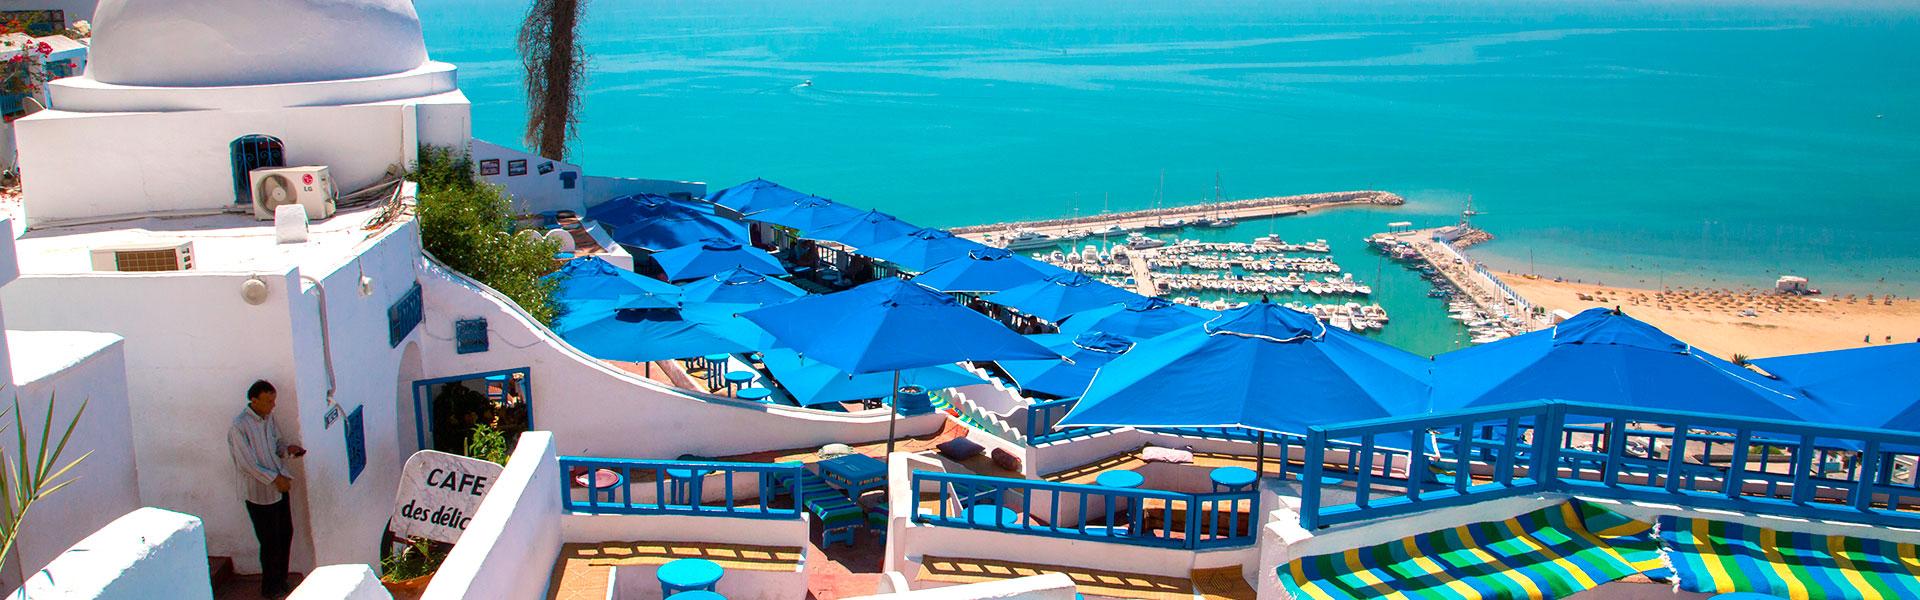 Tunis | SPECIJALNO